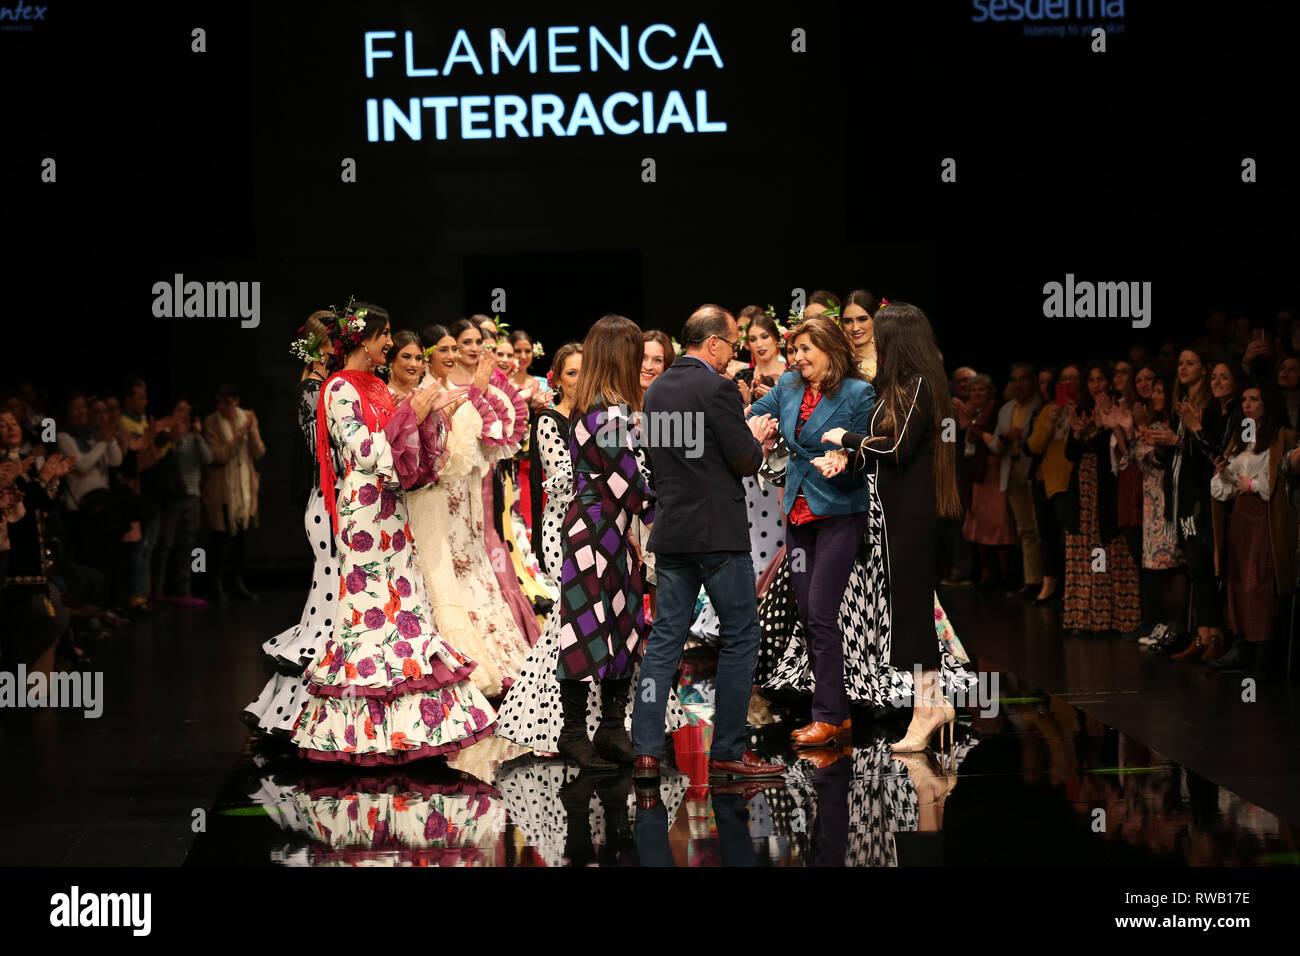 Yolanda Moda Flamenca designer join tramite la sua madre in passerella Immagini Stock